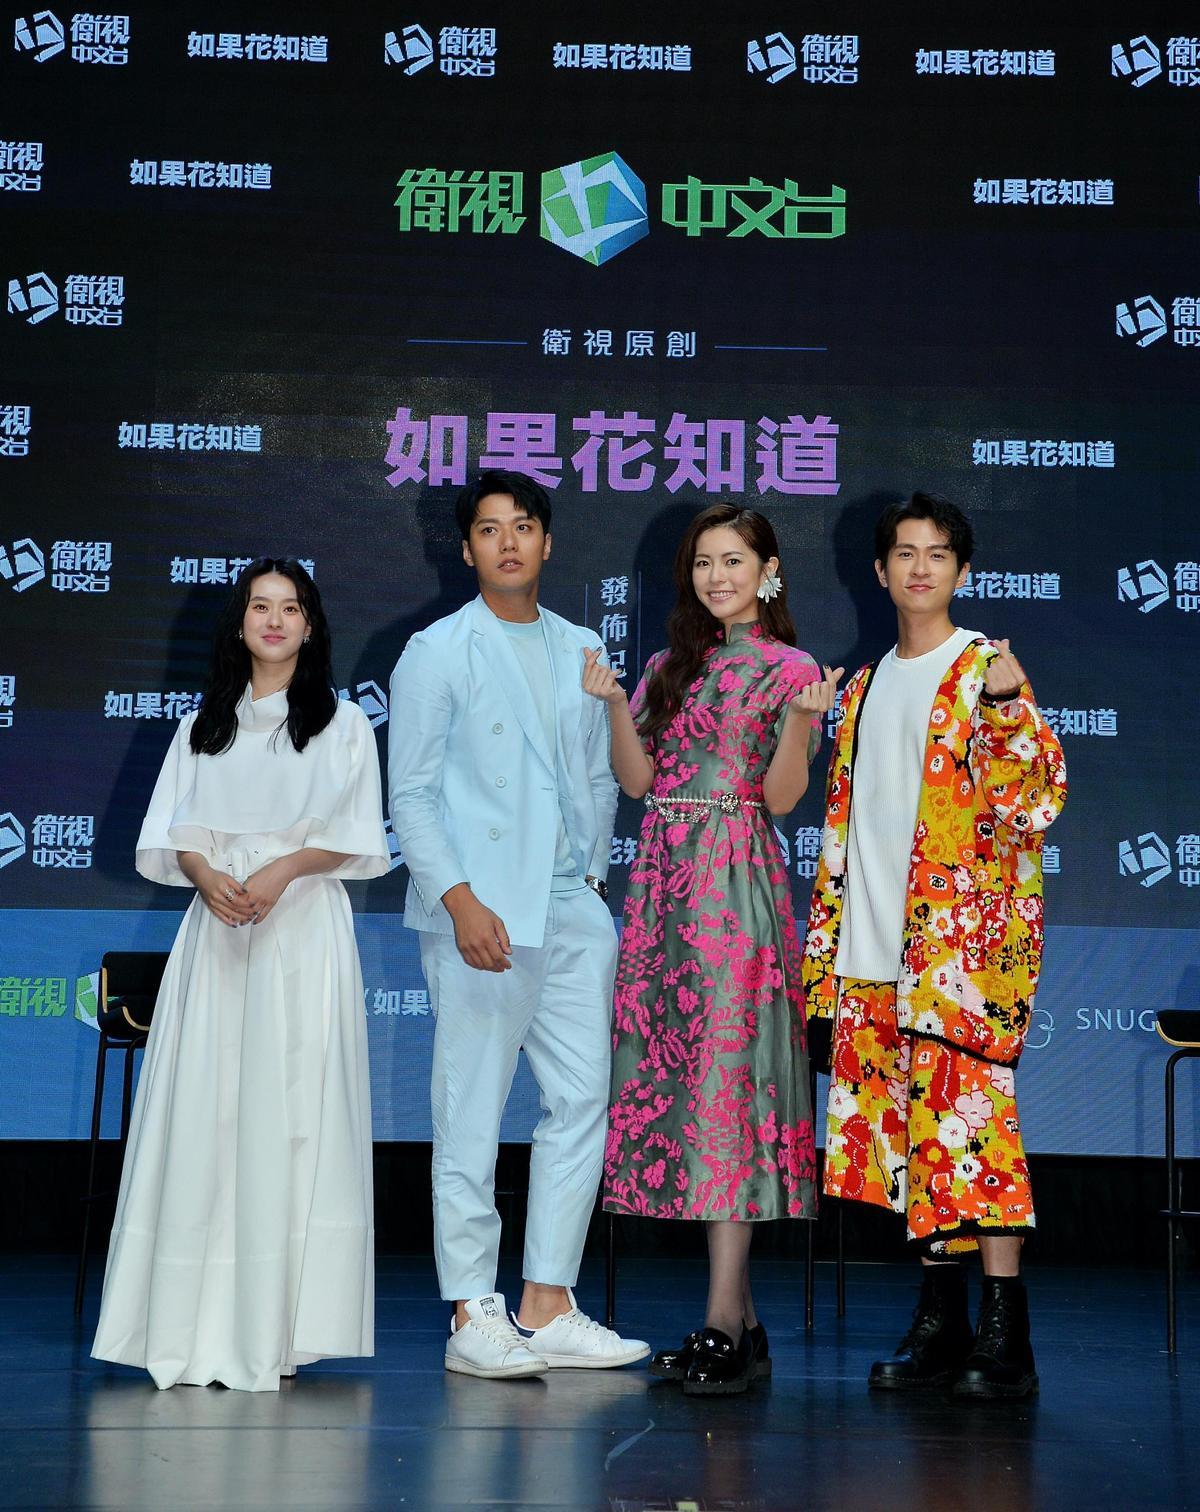 《如果花知道》由邱偲琹、張睿家、任容萱、石知田(由左至右)等人主演。(衛視中文台提供)